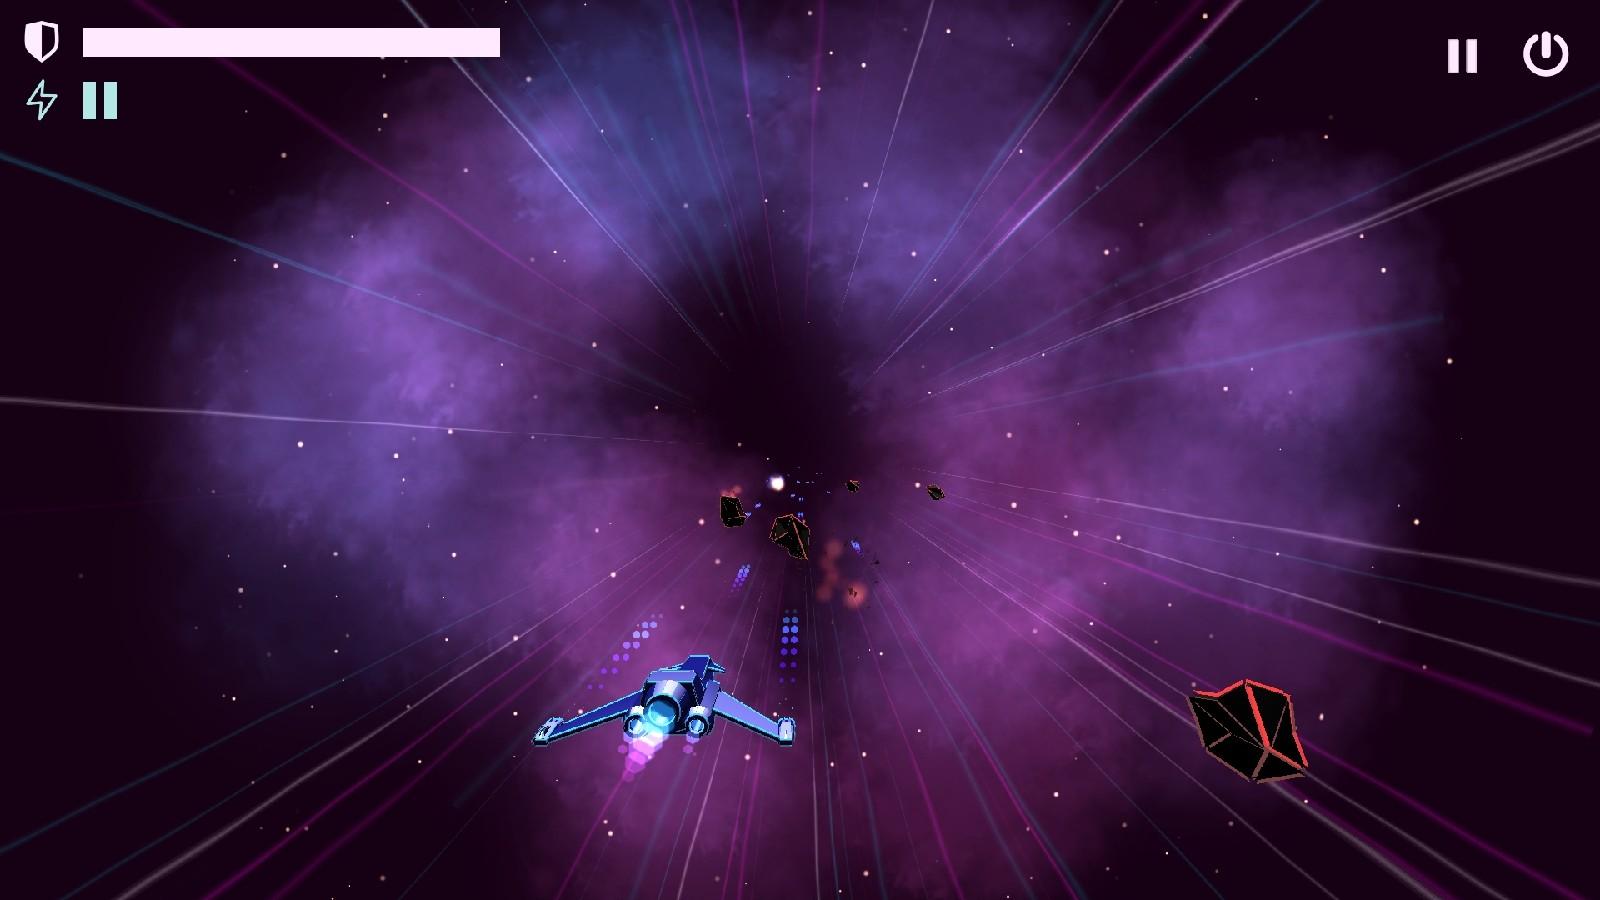 RHx0d4SXkJk | Star Fighter